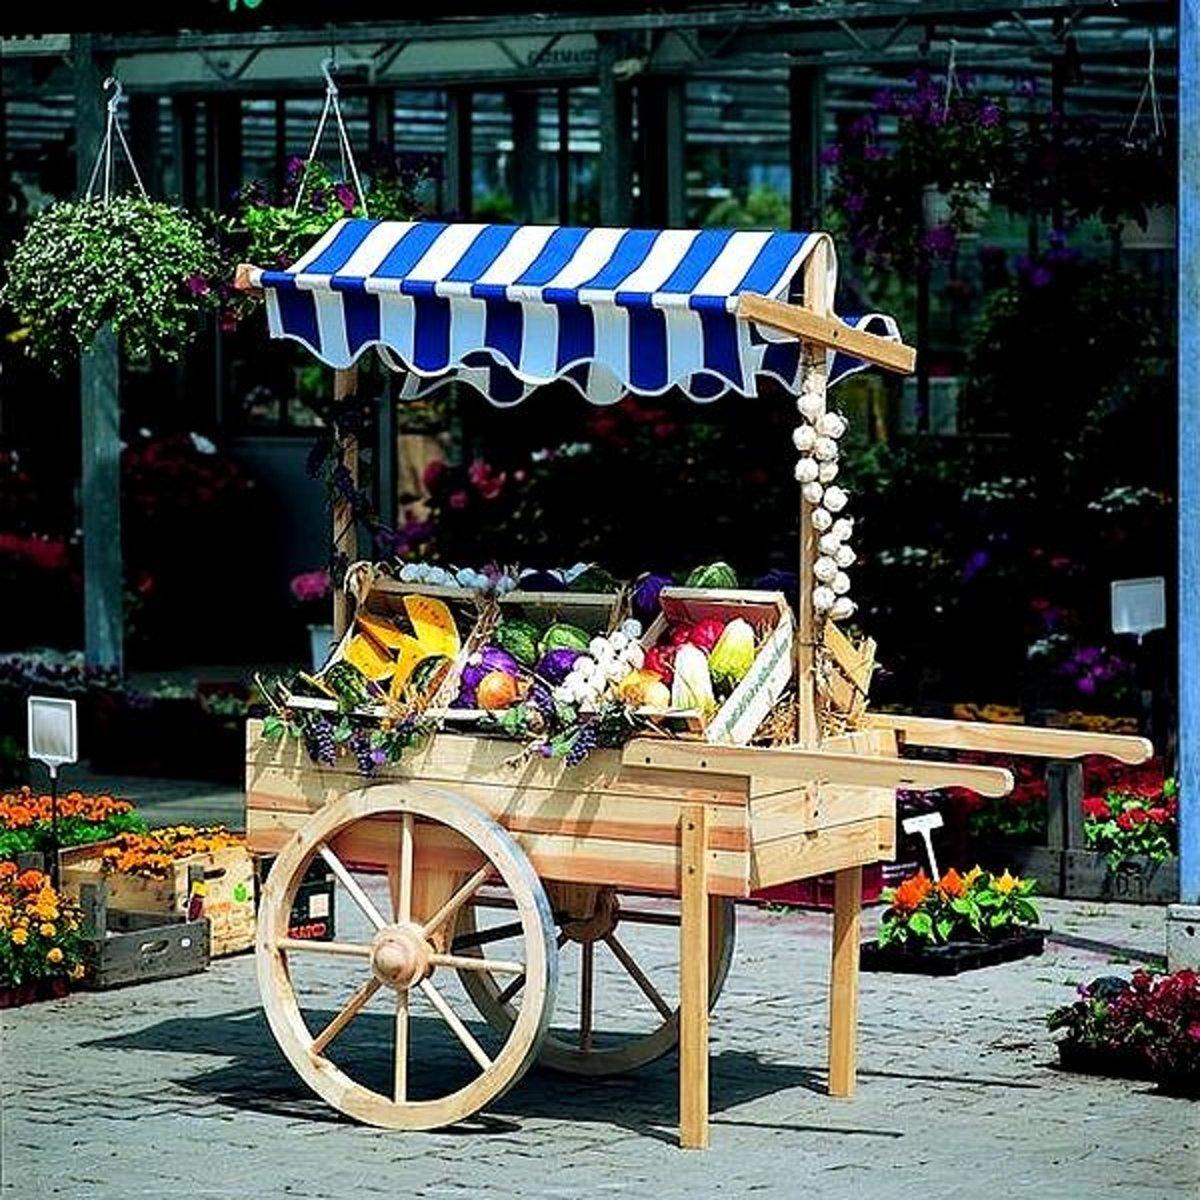 Houten marktwagen met luifel (blauwwit) kopen